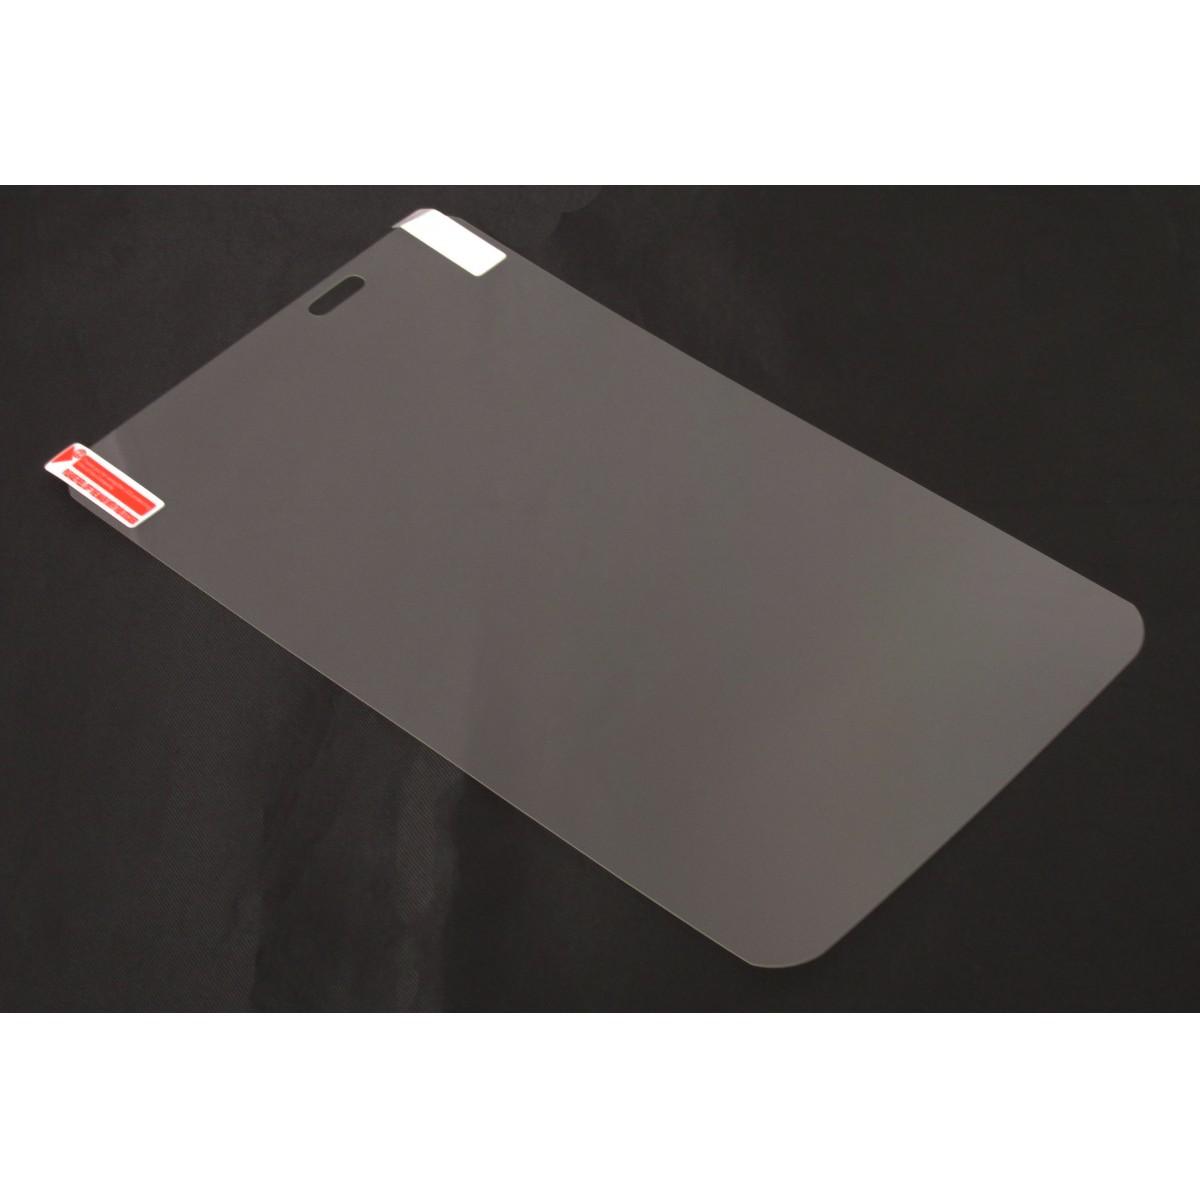 Película Protetora para LG G Pad 8.3 V500 - Transparente